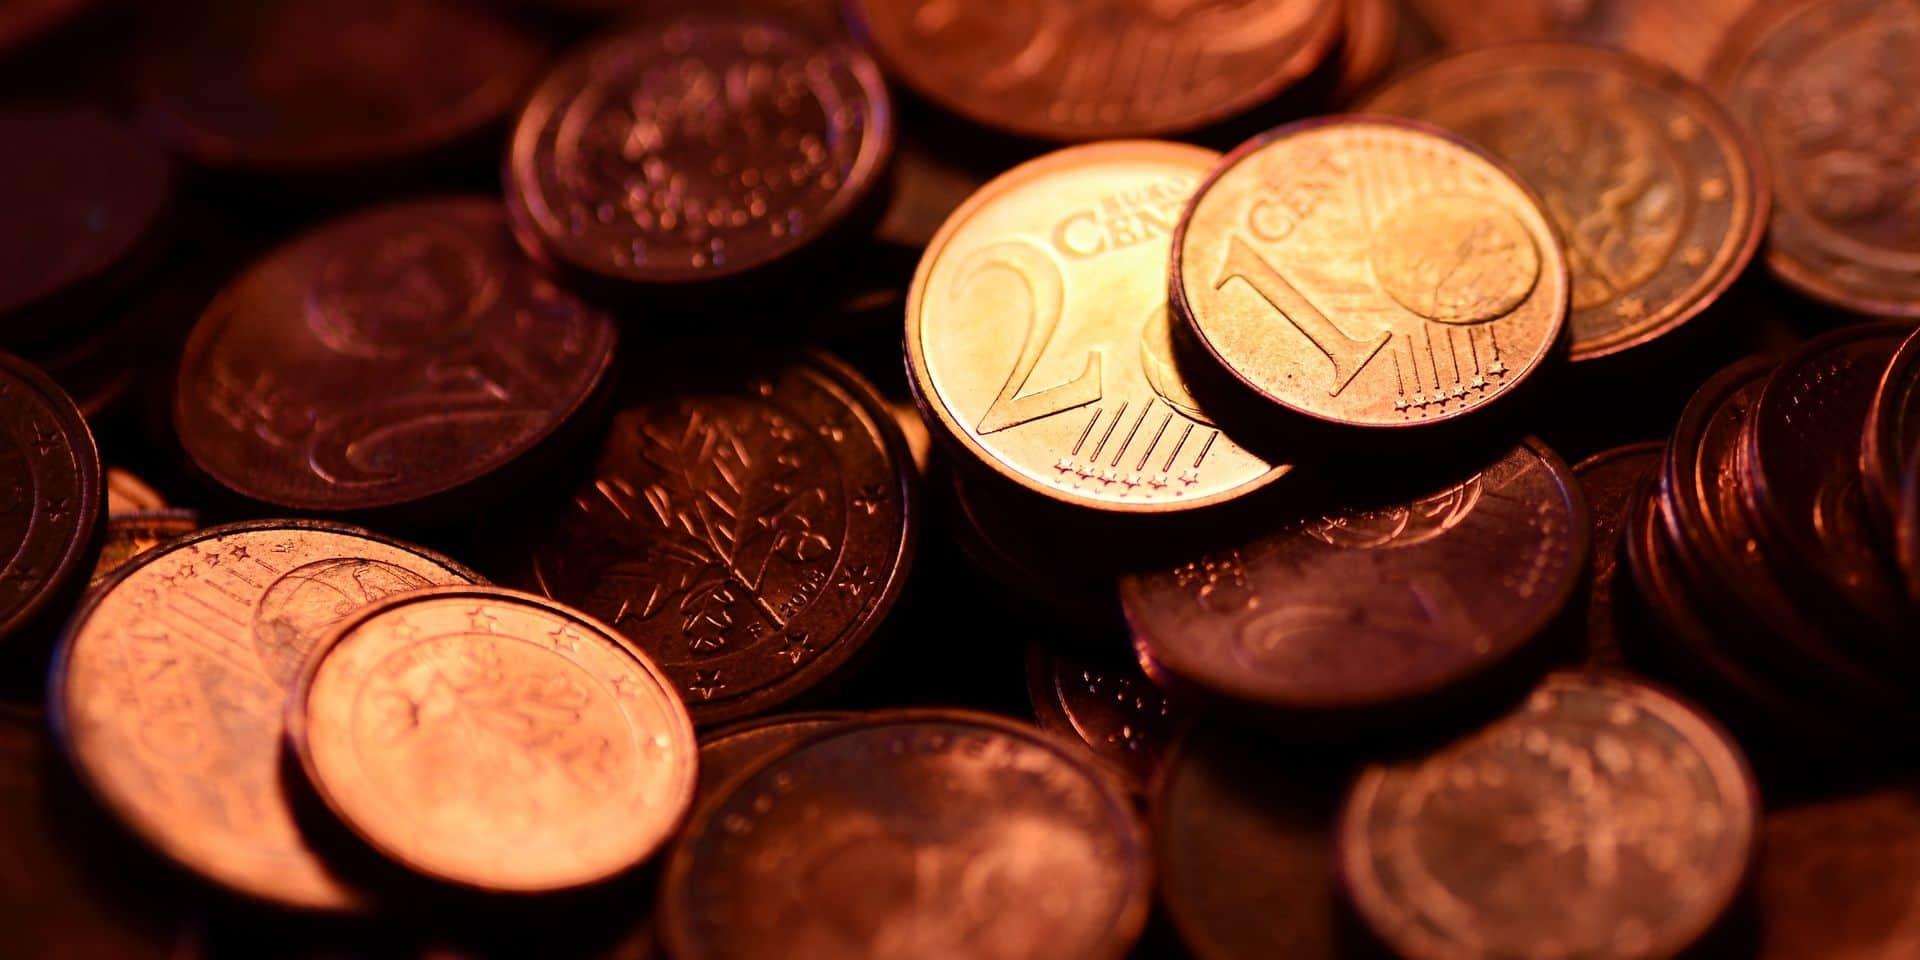 Faut-il arrondir les prix pour éliminer les pièces de 1 et 2 centimes: l'Europe veut votre avis